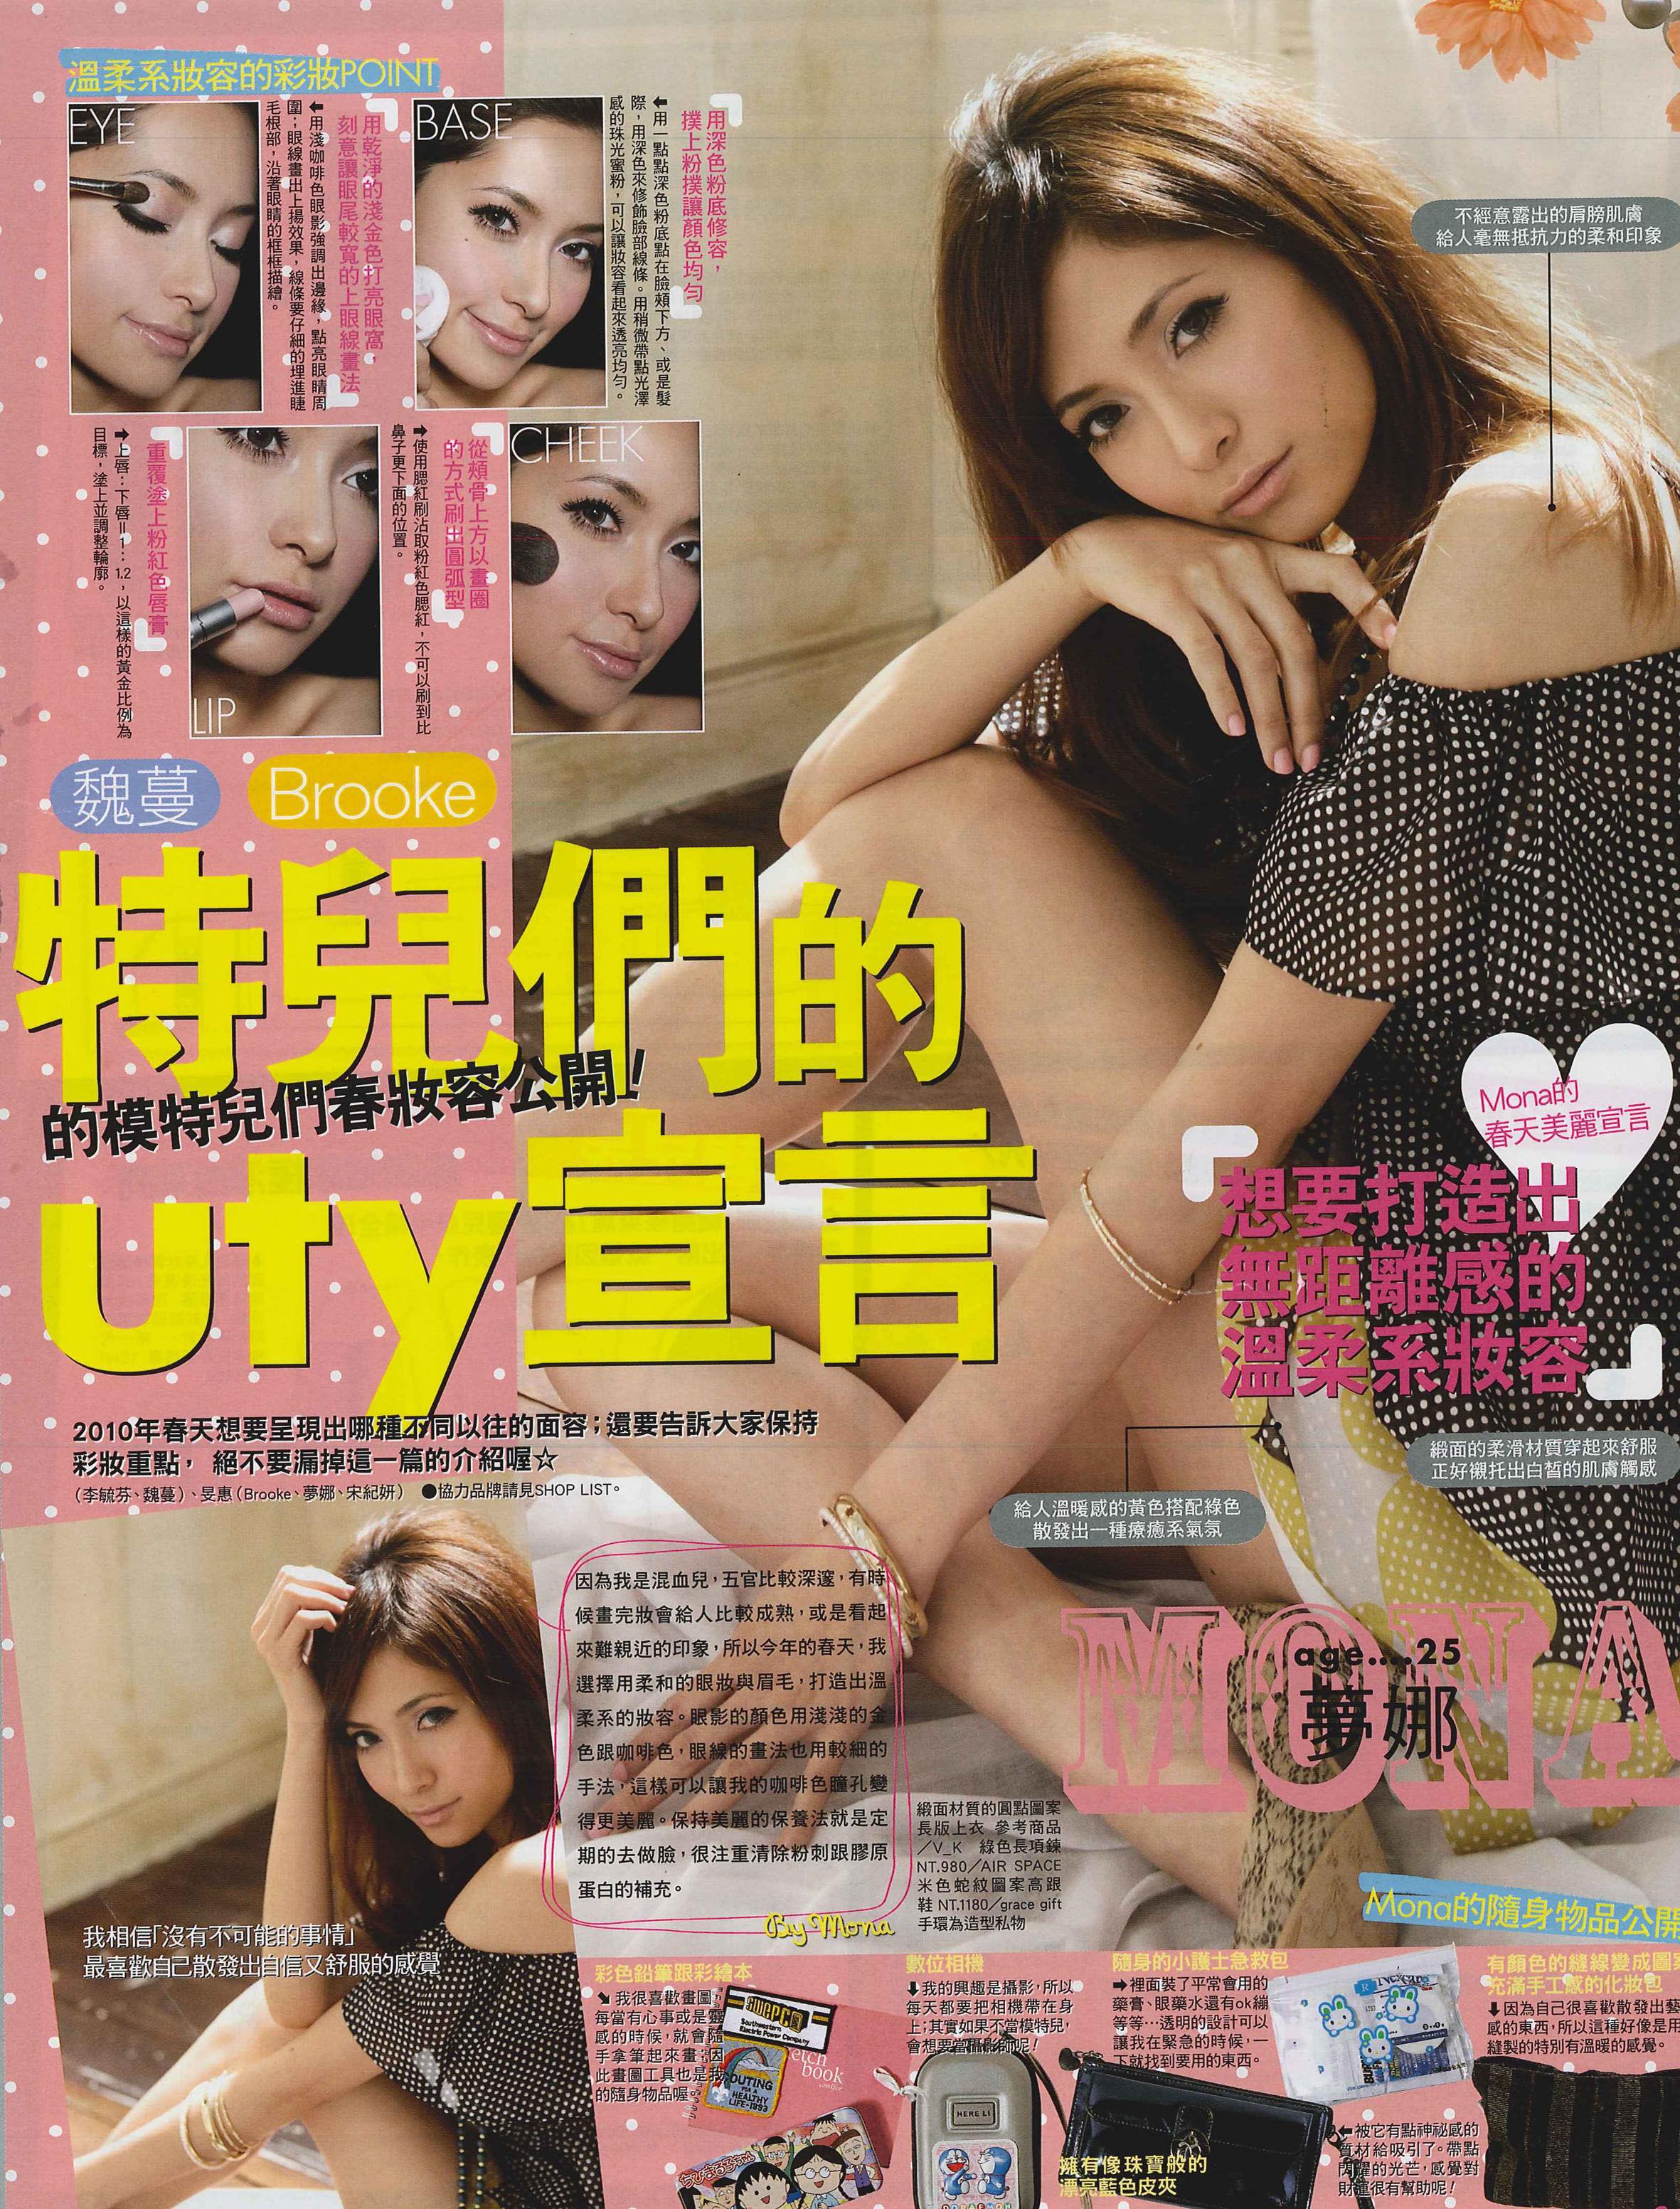 20110111110754267_0002.jpg